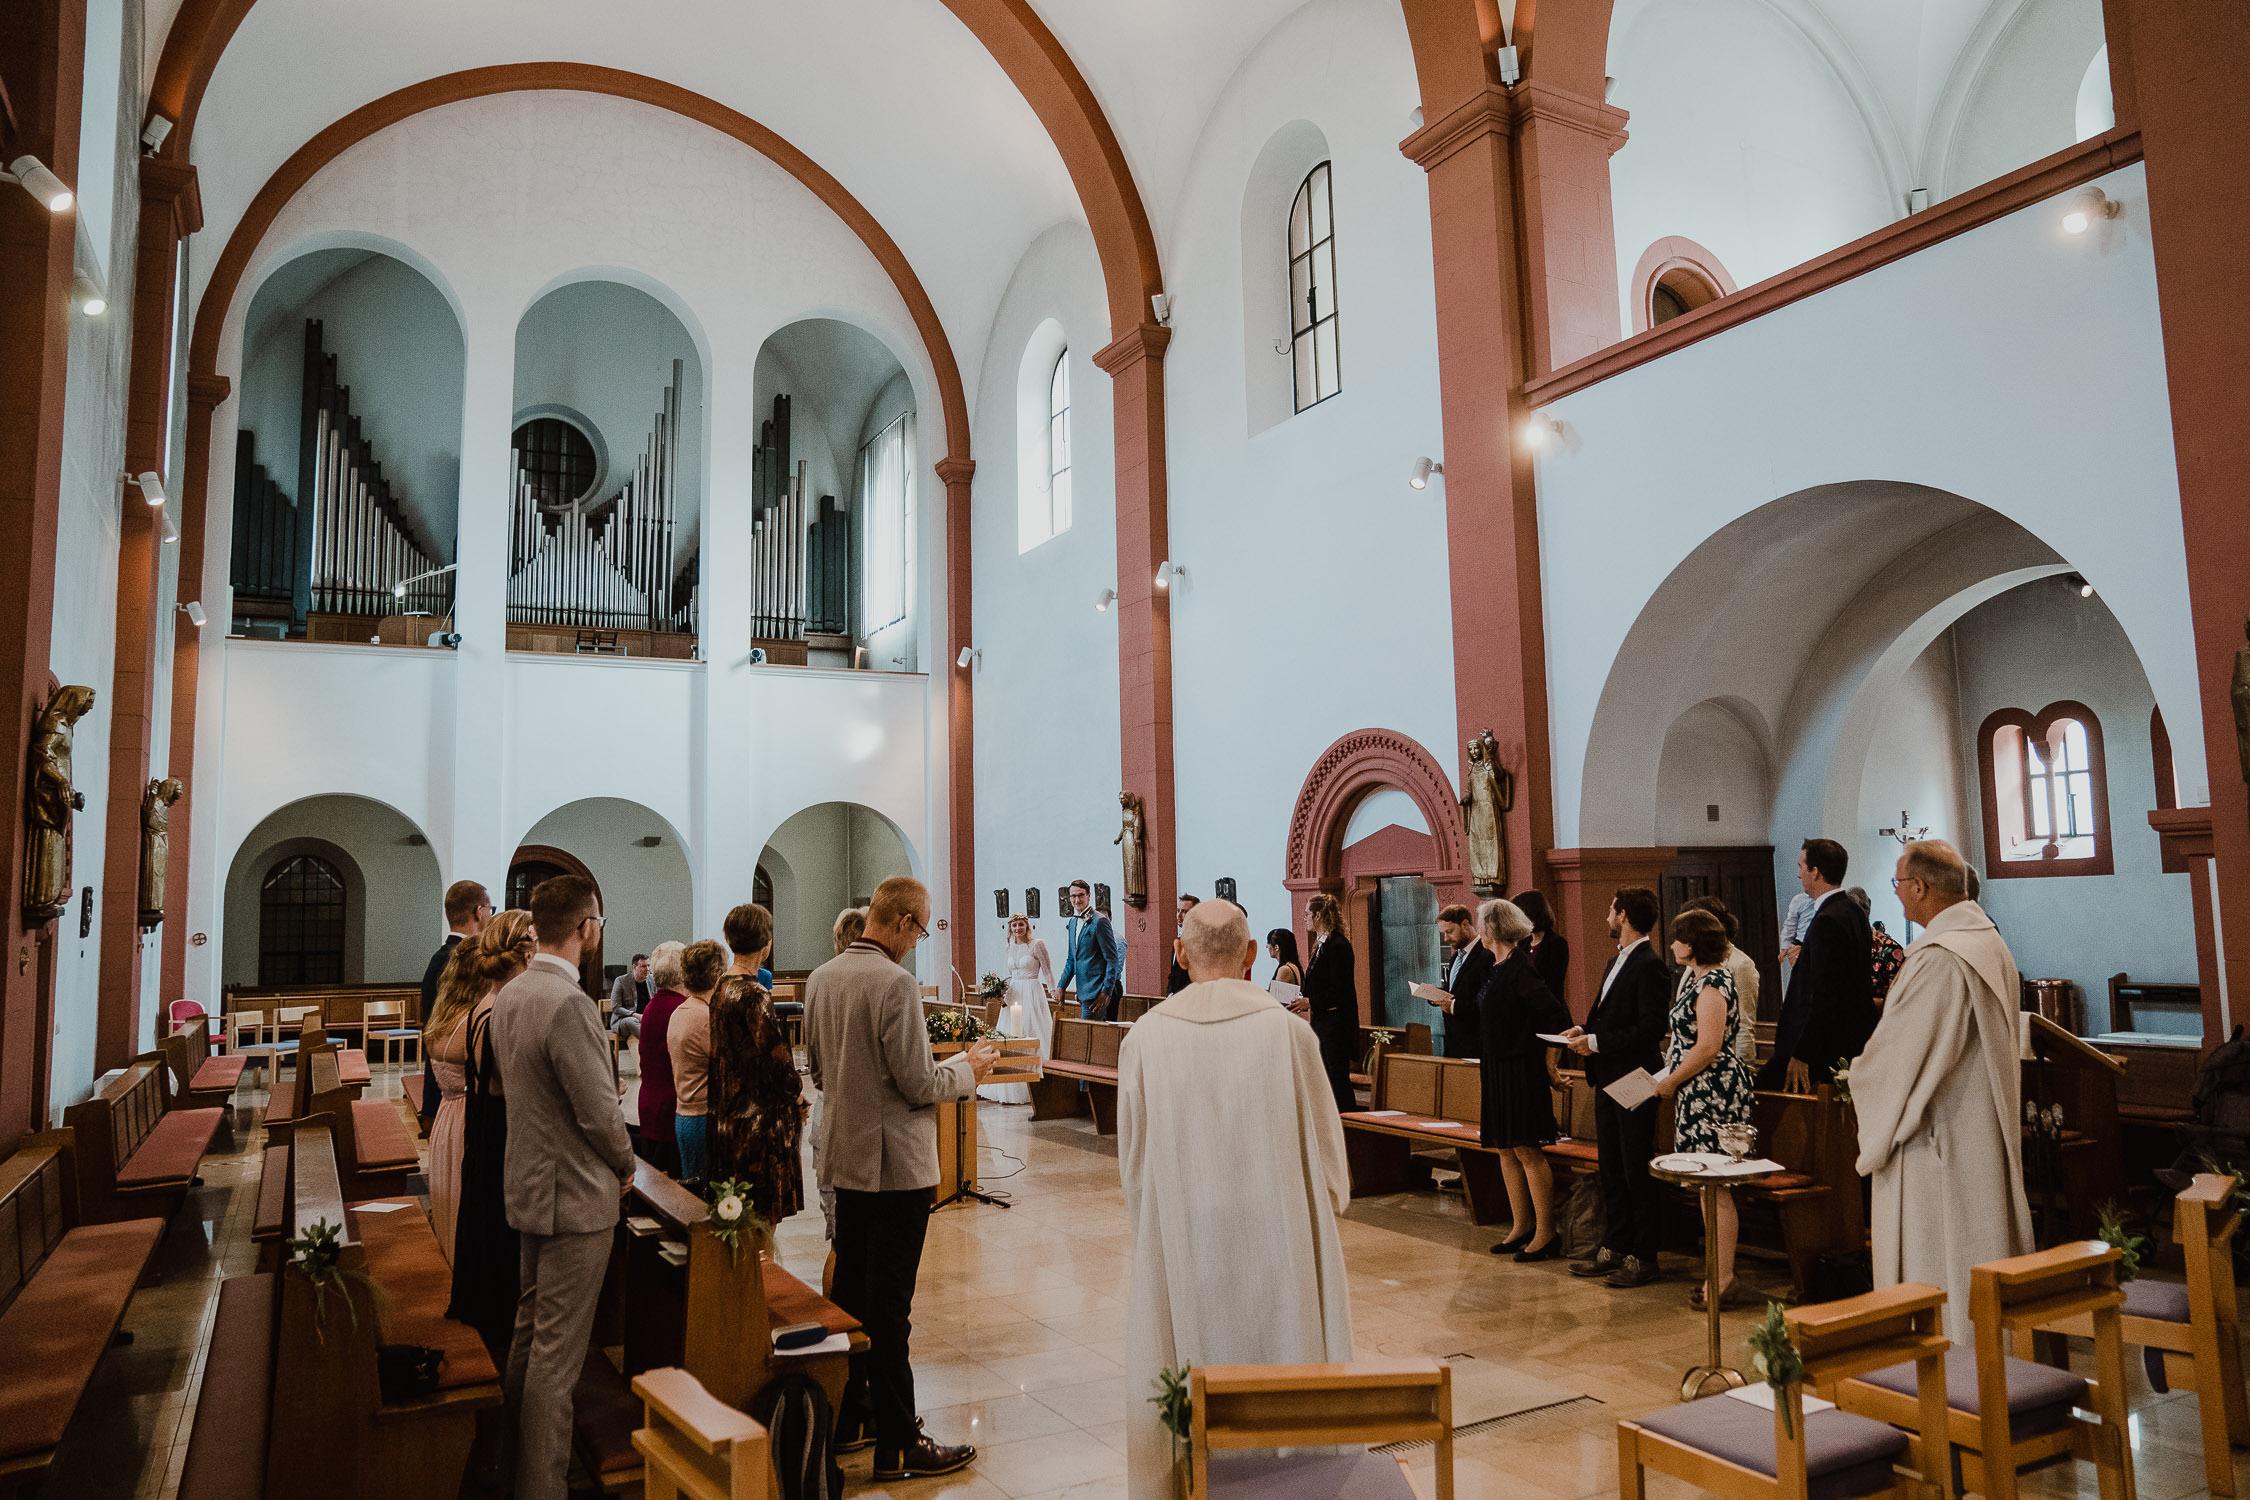 In der Mutterhauskirche Wuerzburg. Einzug des Brautpaares. Fotografiert von Hochzeitsfotograf Axel Link